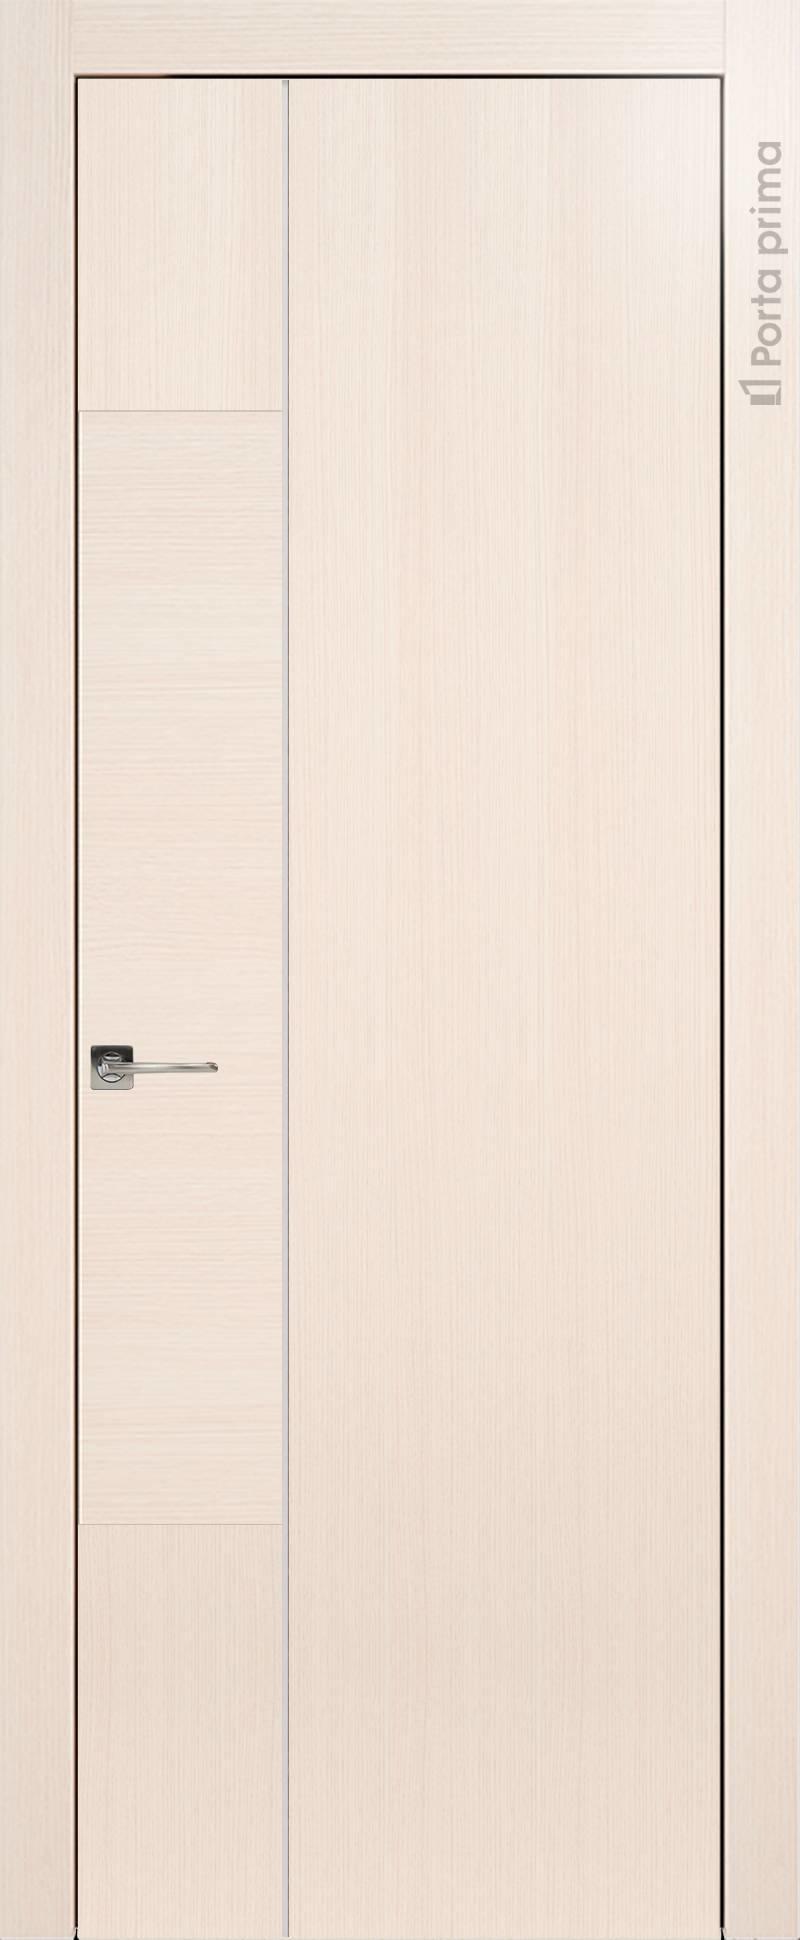 Tivoli В-1 цвет - Беленый дуб Без стекла (ДГ)